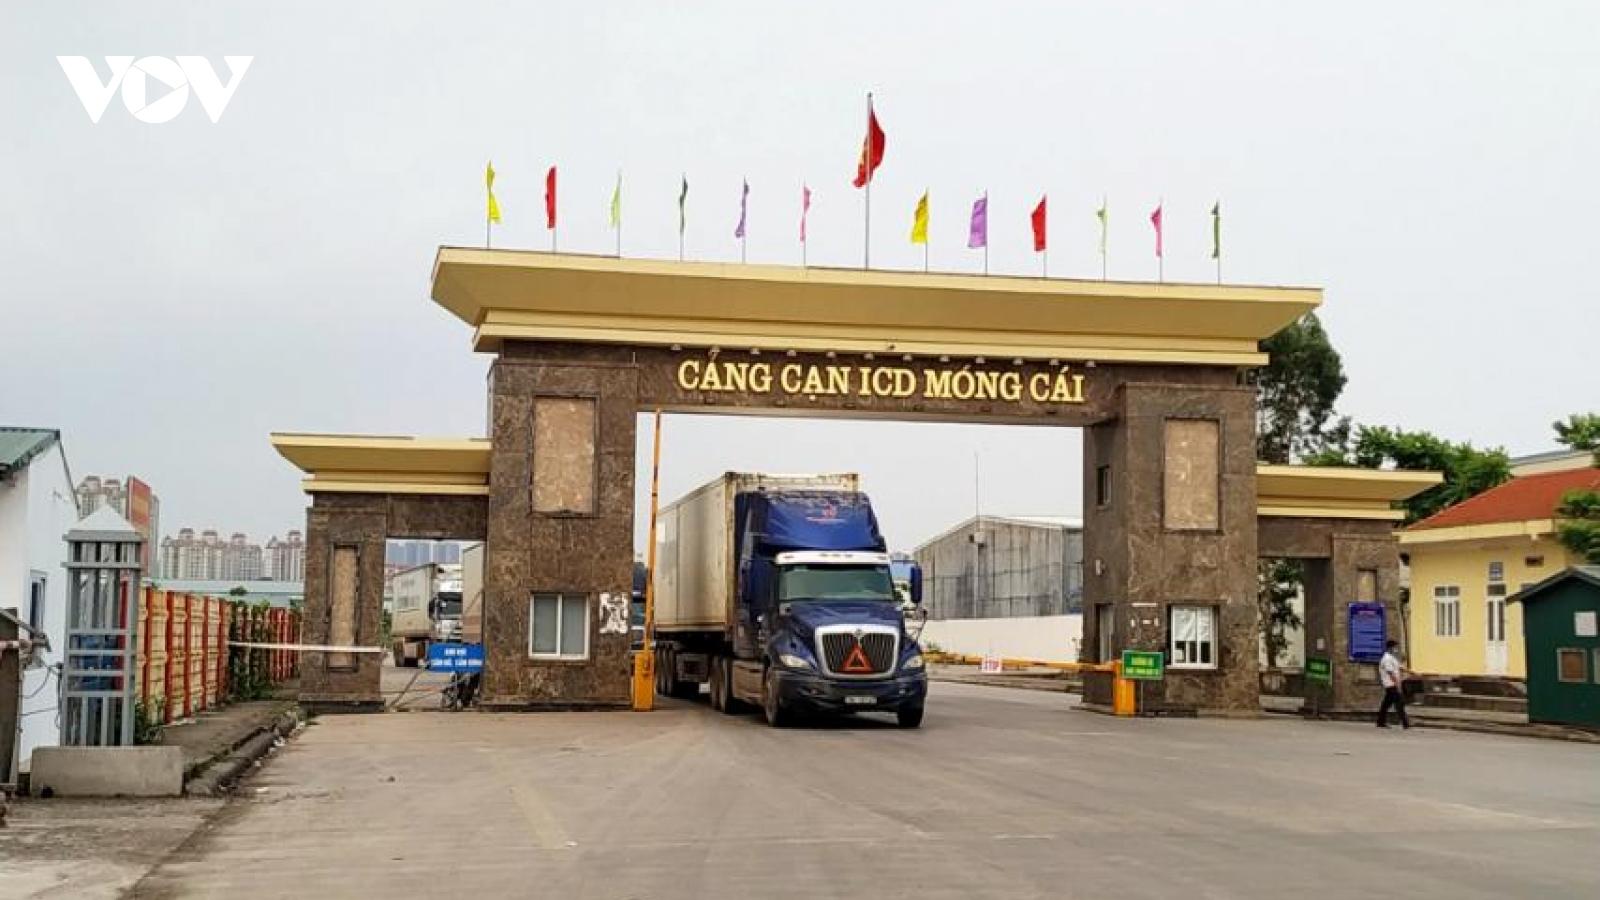 Trên 800.000 tấn hàng hóa xuất nhập khẩu qua cửa khẩu quốc tế Móng Cái